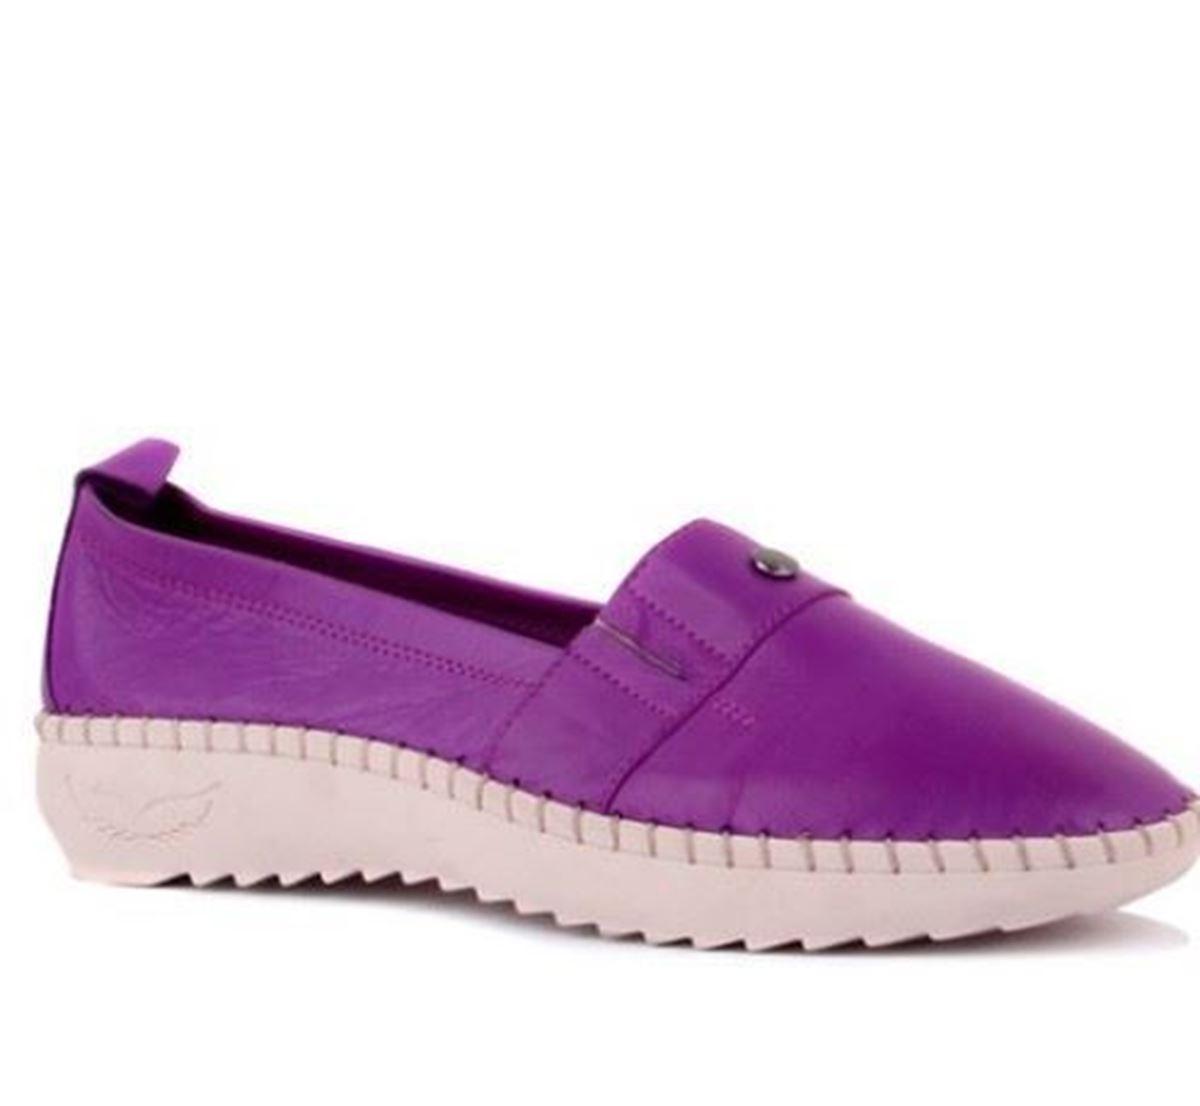 Picture of Sail Lakers - Mor Deri Kadın Günlük Ayakkabı